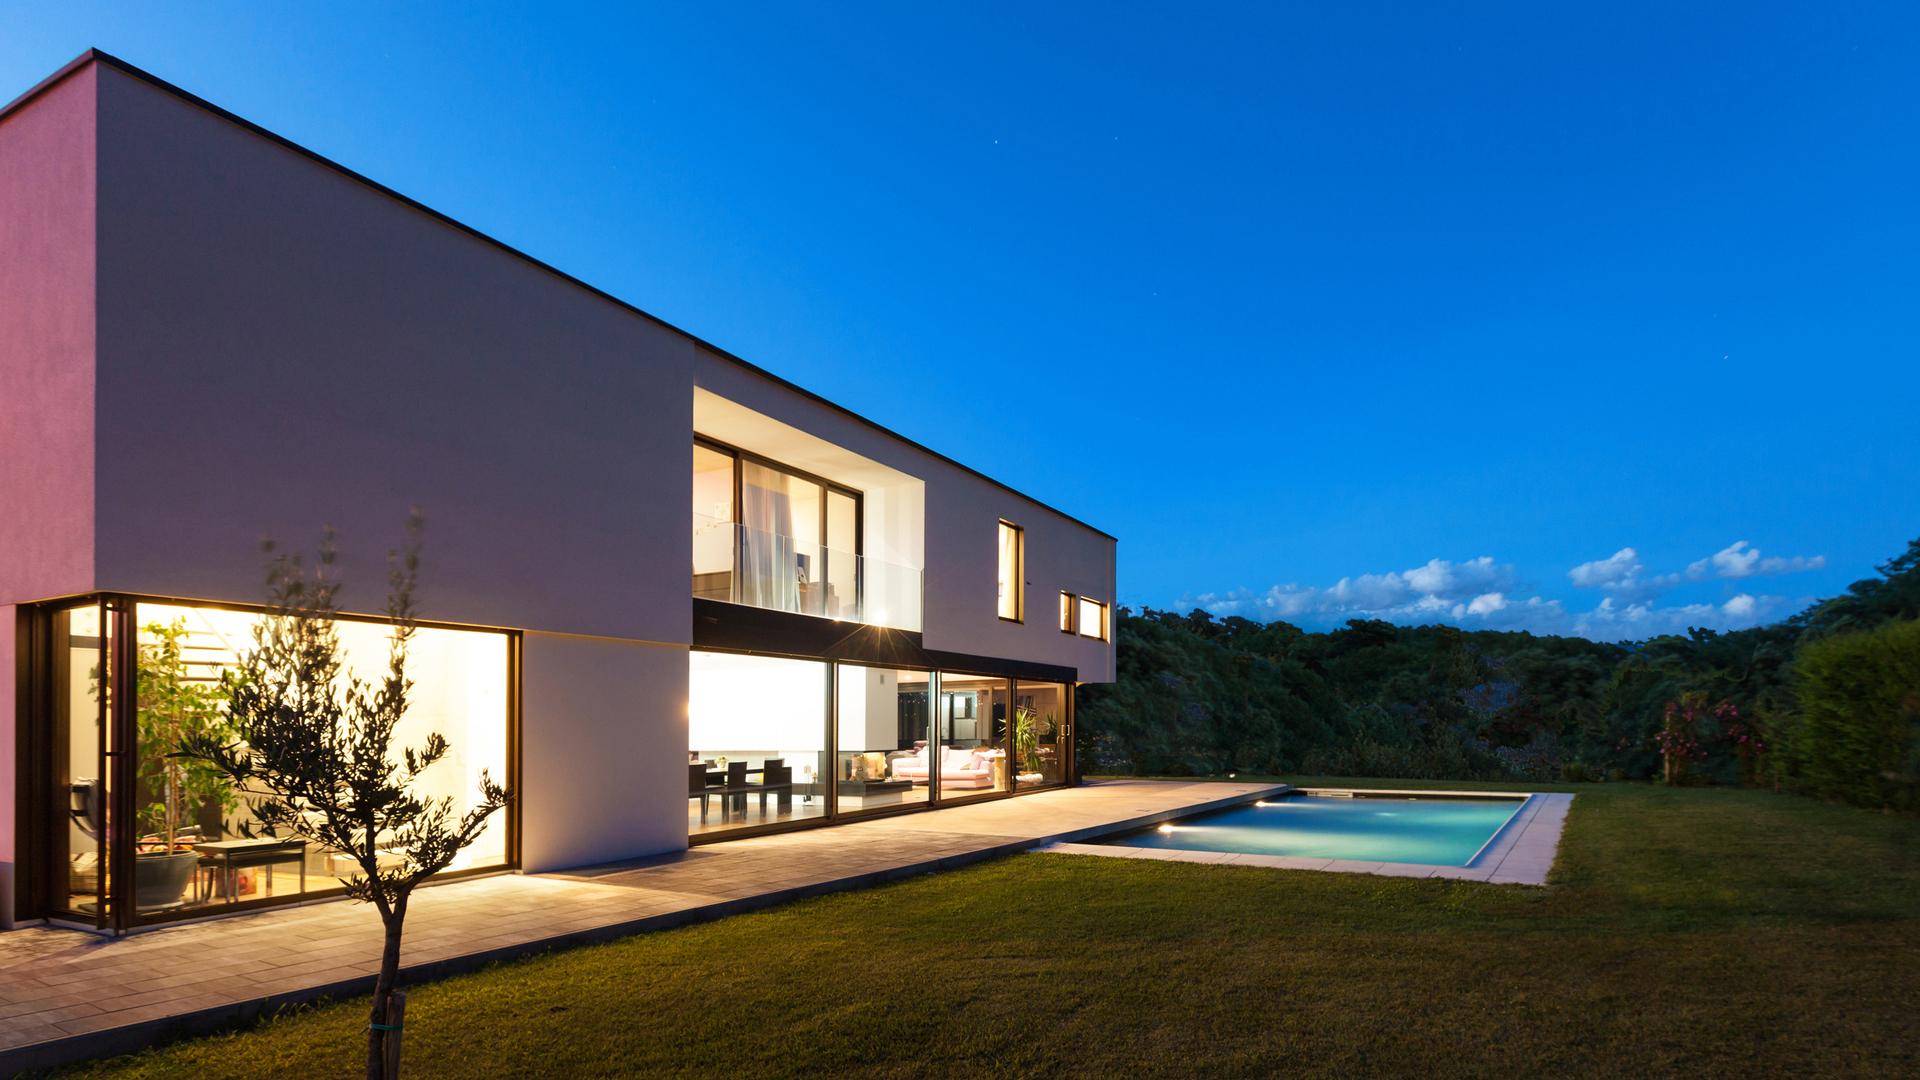 Dwelling entreprise de construction en bois h ron pr s for Entreprise construction maison bois